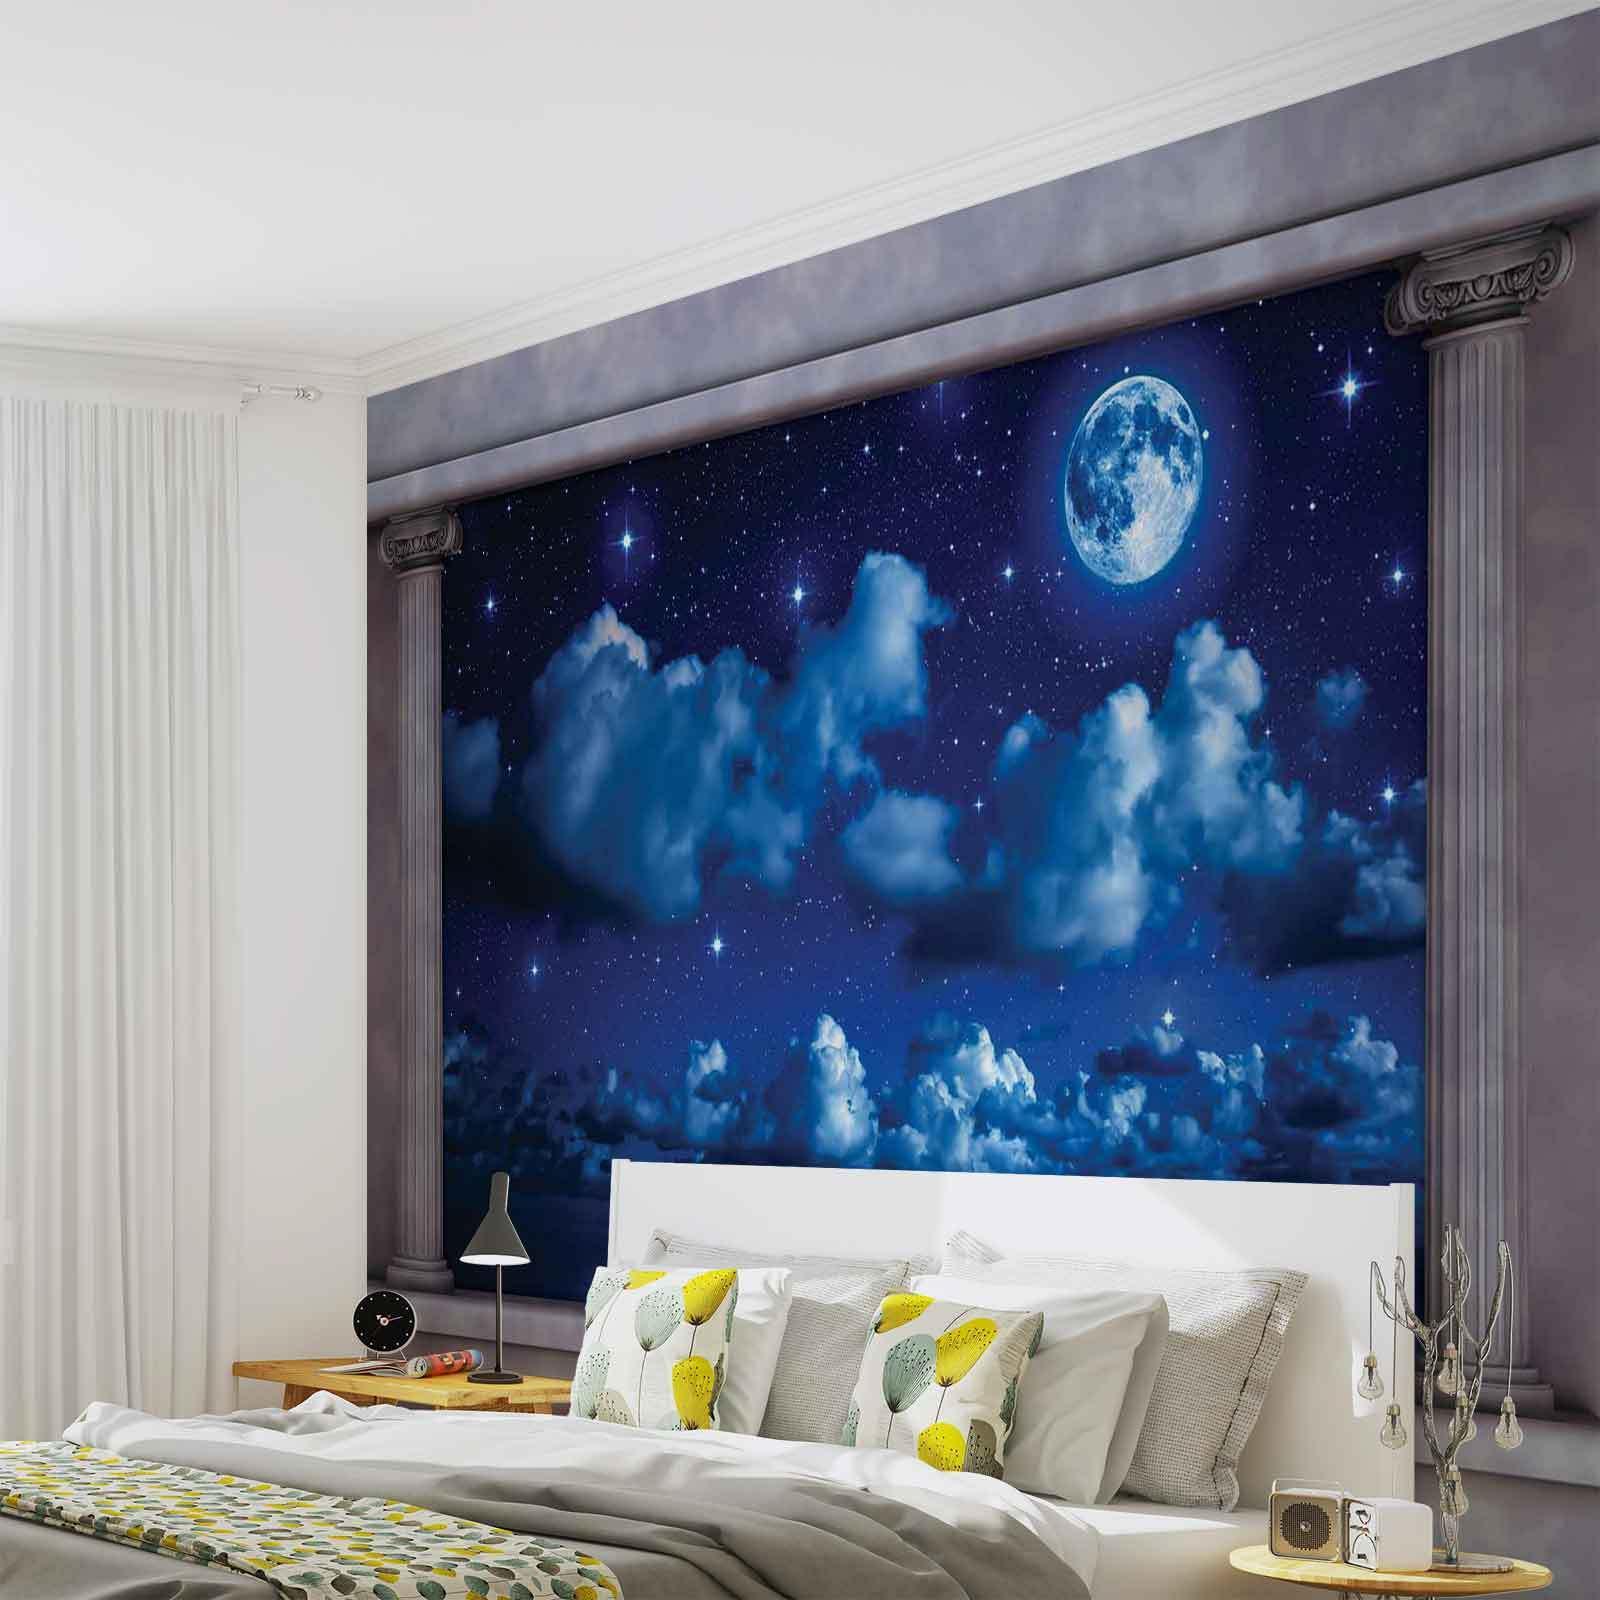 VLIES FOTOTAPETE Blauer Nachthimmel Fenster Aussicht TAPETE MURAL (2873FW)